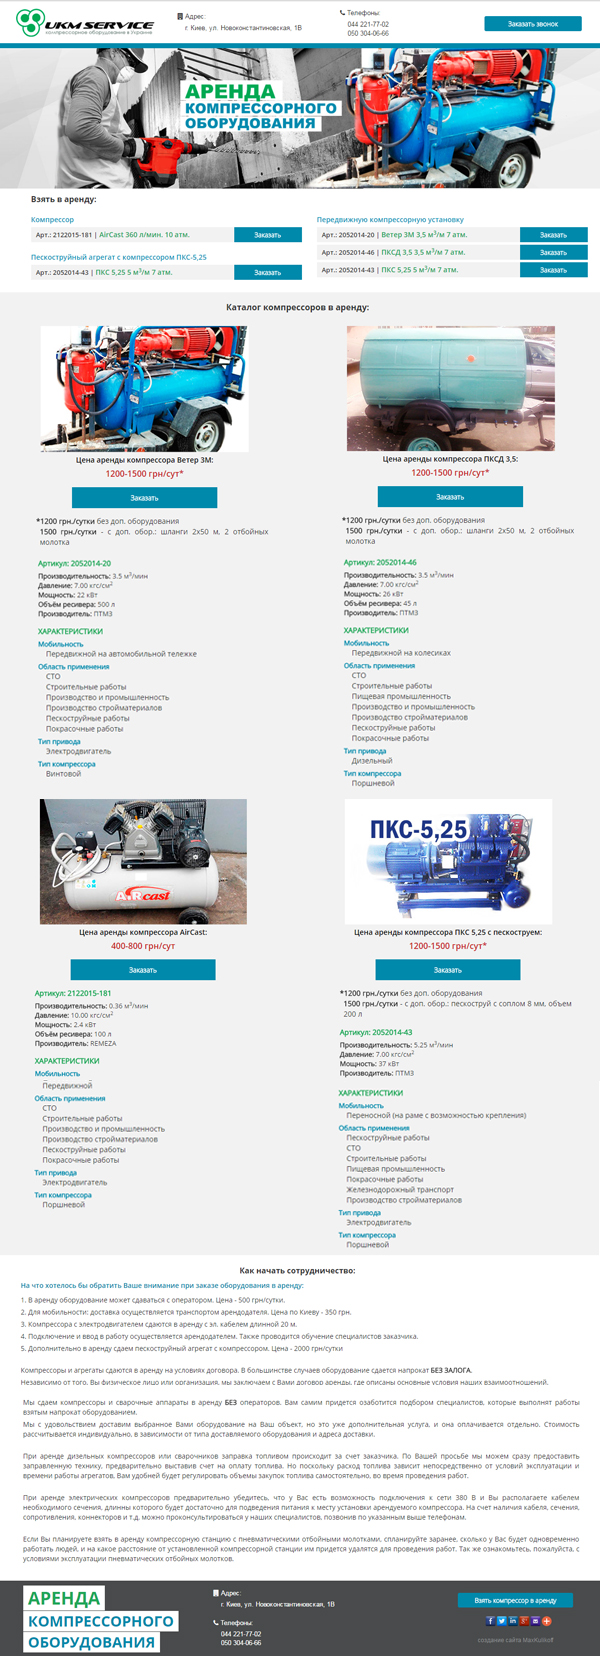 Создание сайта для аренды компрессорного оборудования